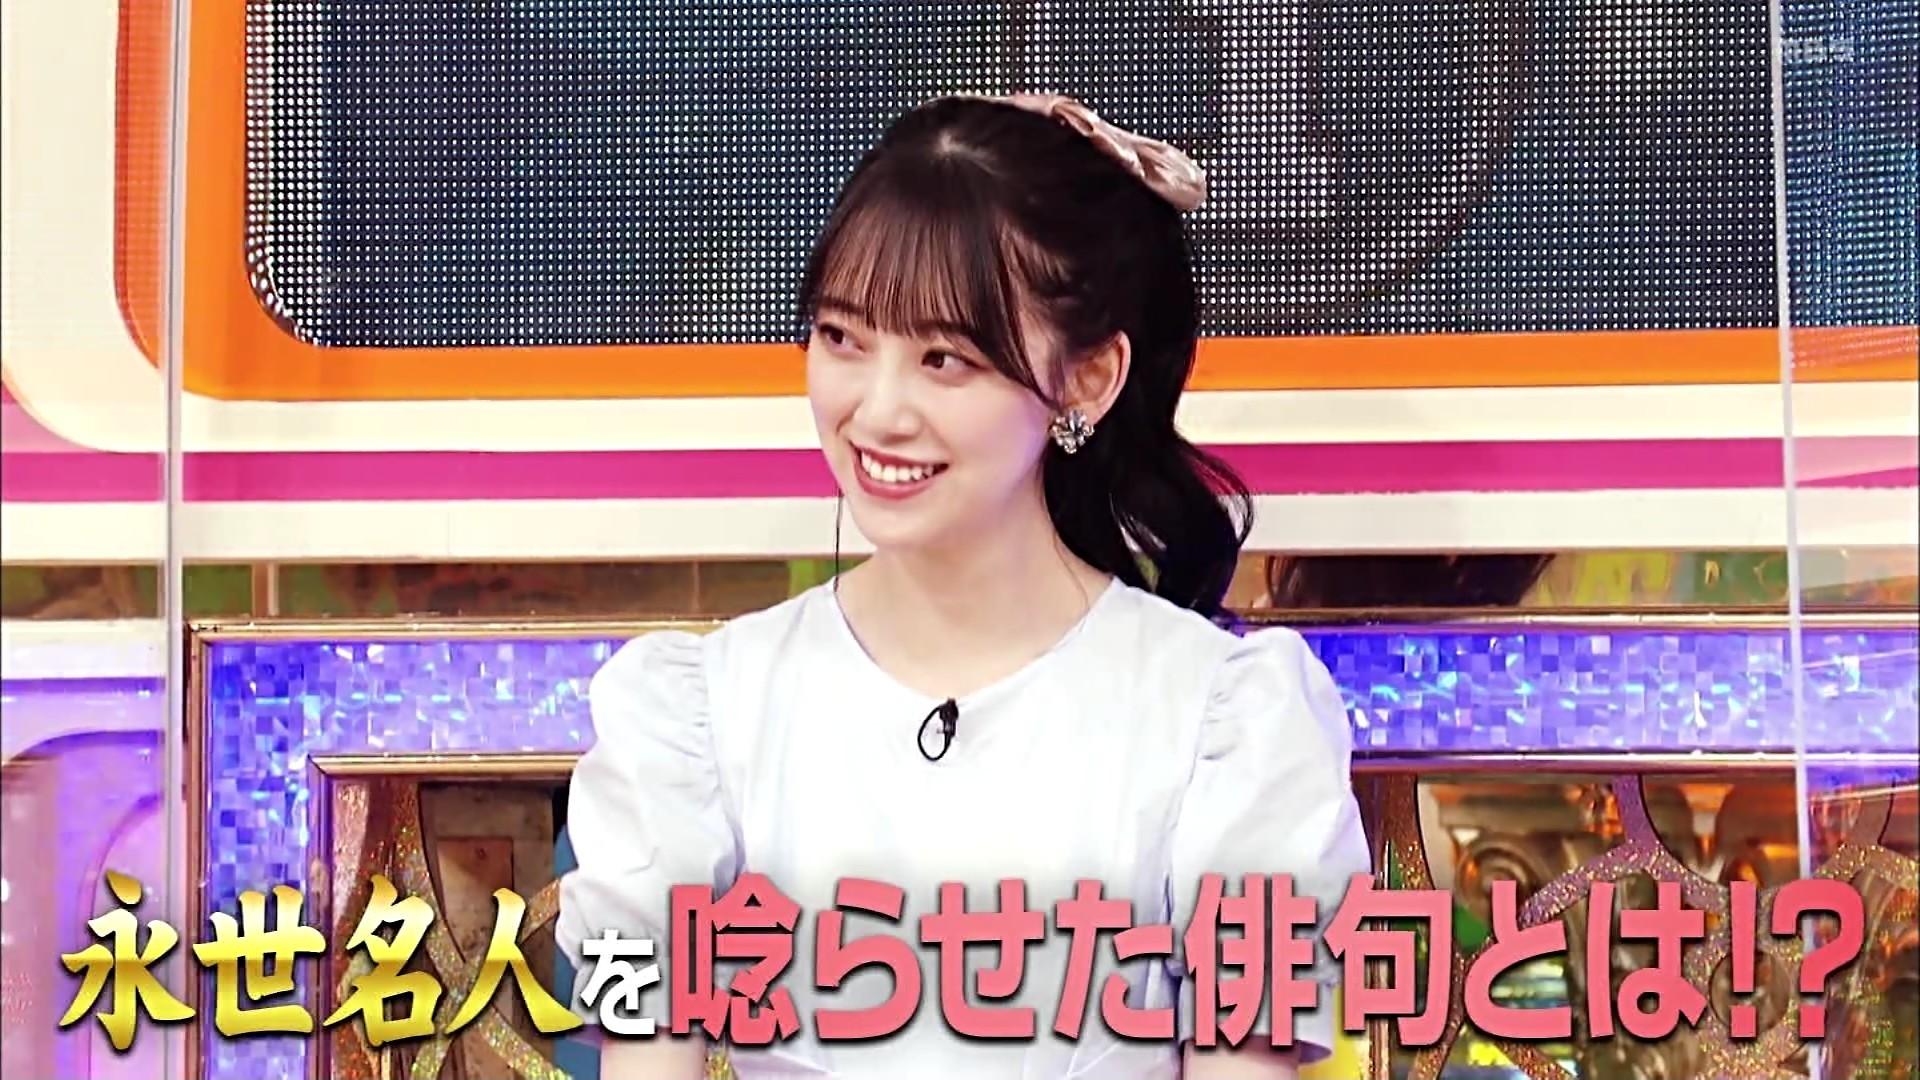 プレバト 堀未央奈 俳句3